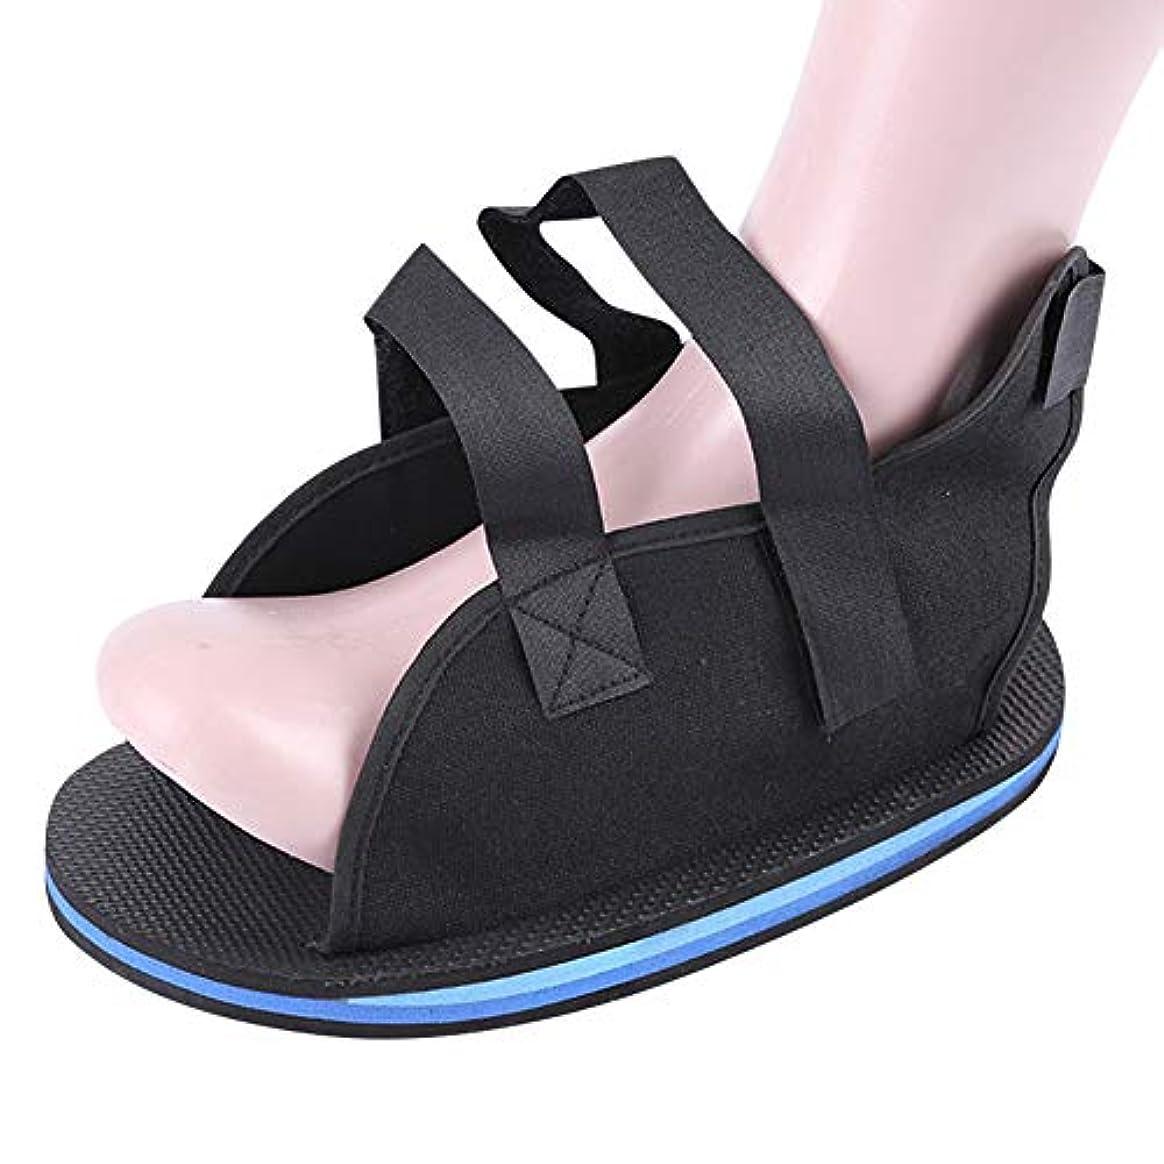 骨の折れるブリードペルセウスuirendjsf 術後石膏靴 - 石膏靴 足骨折 靴カバー 保護足 リハビリテーション 手術靴